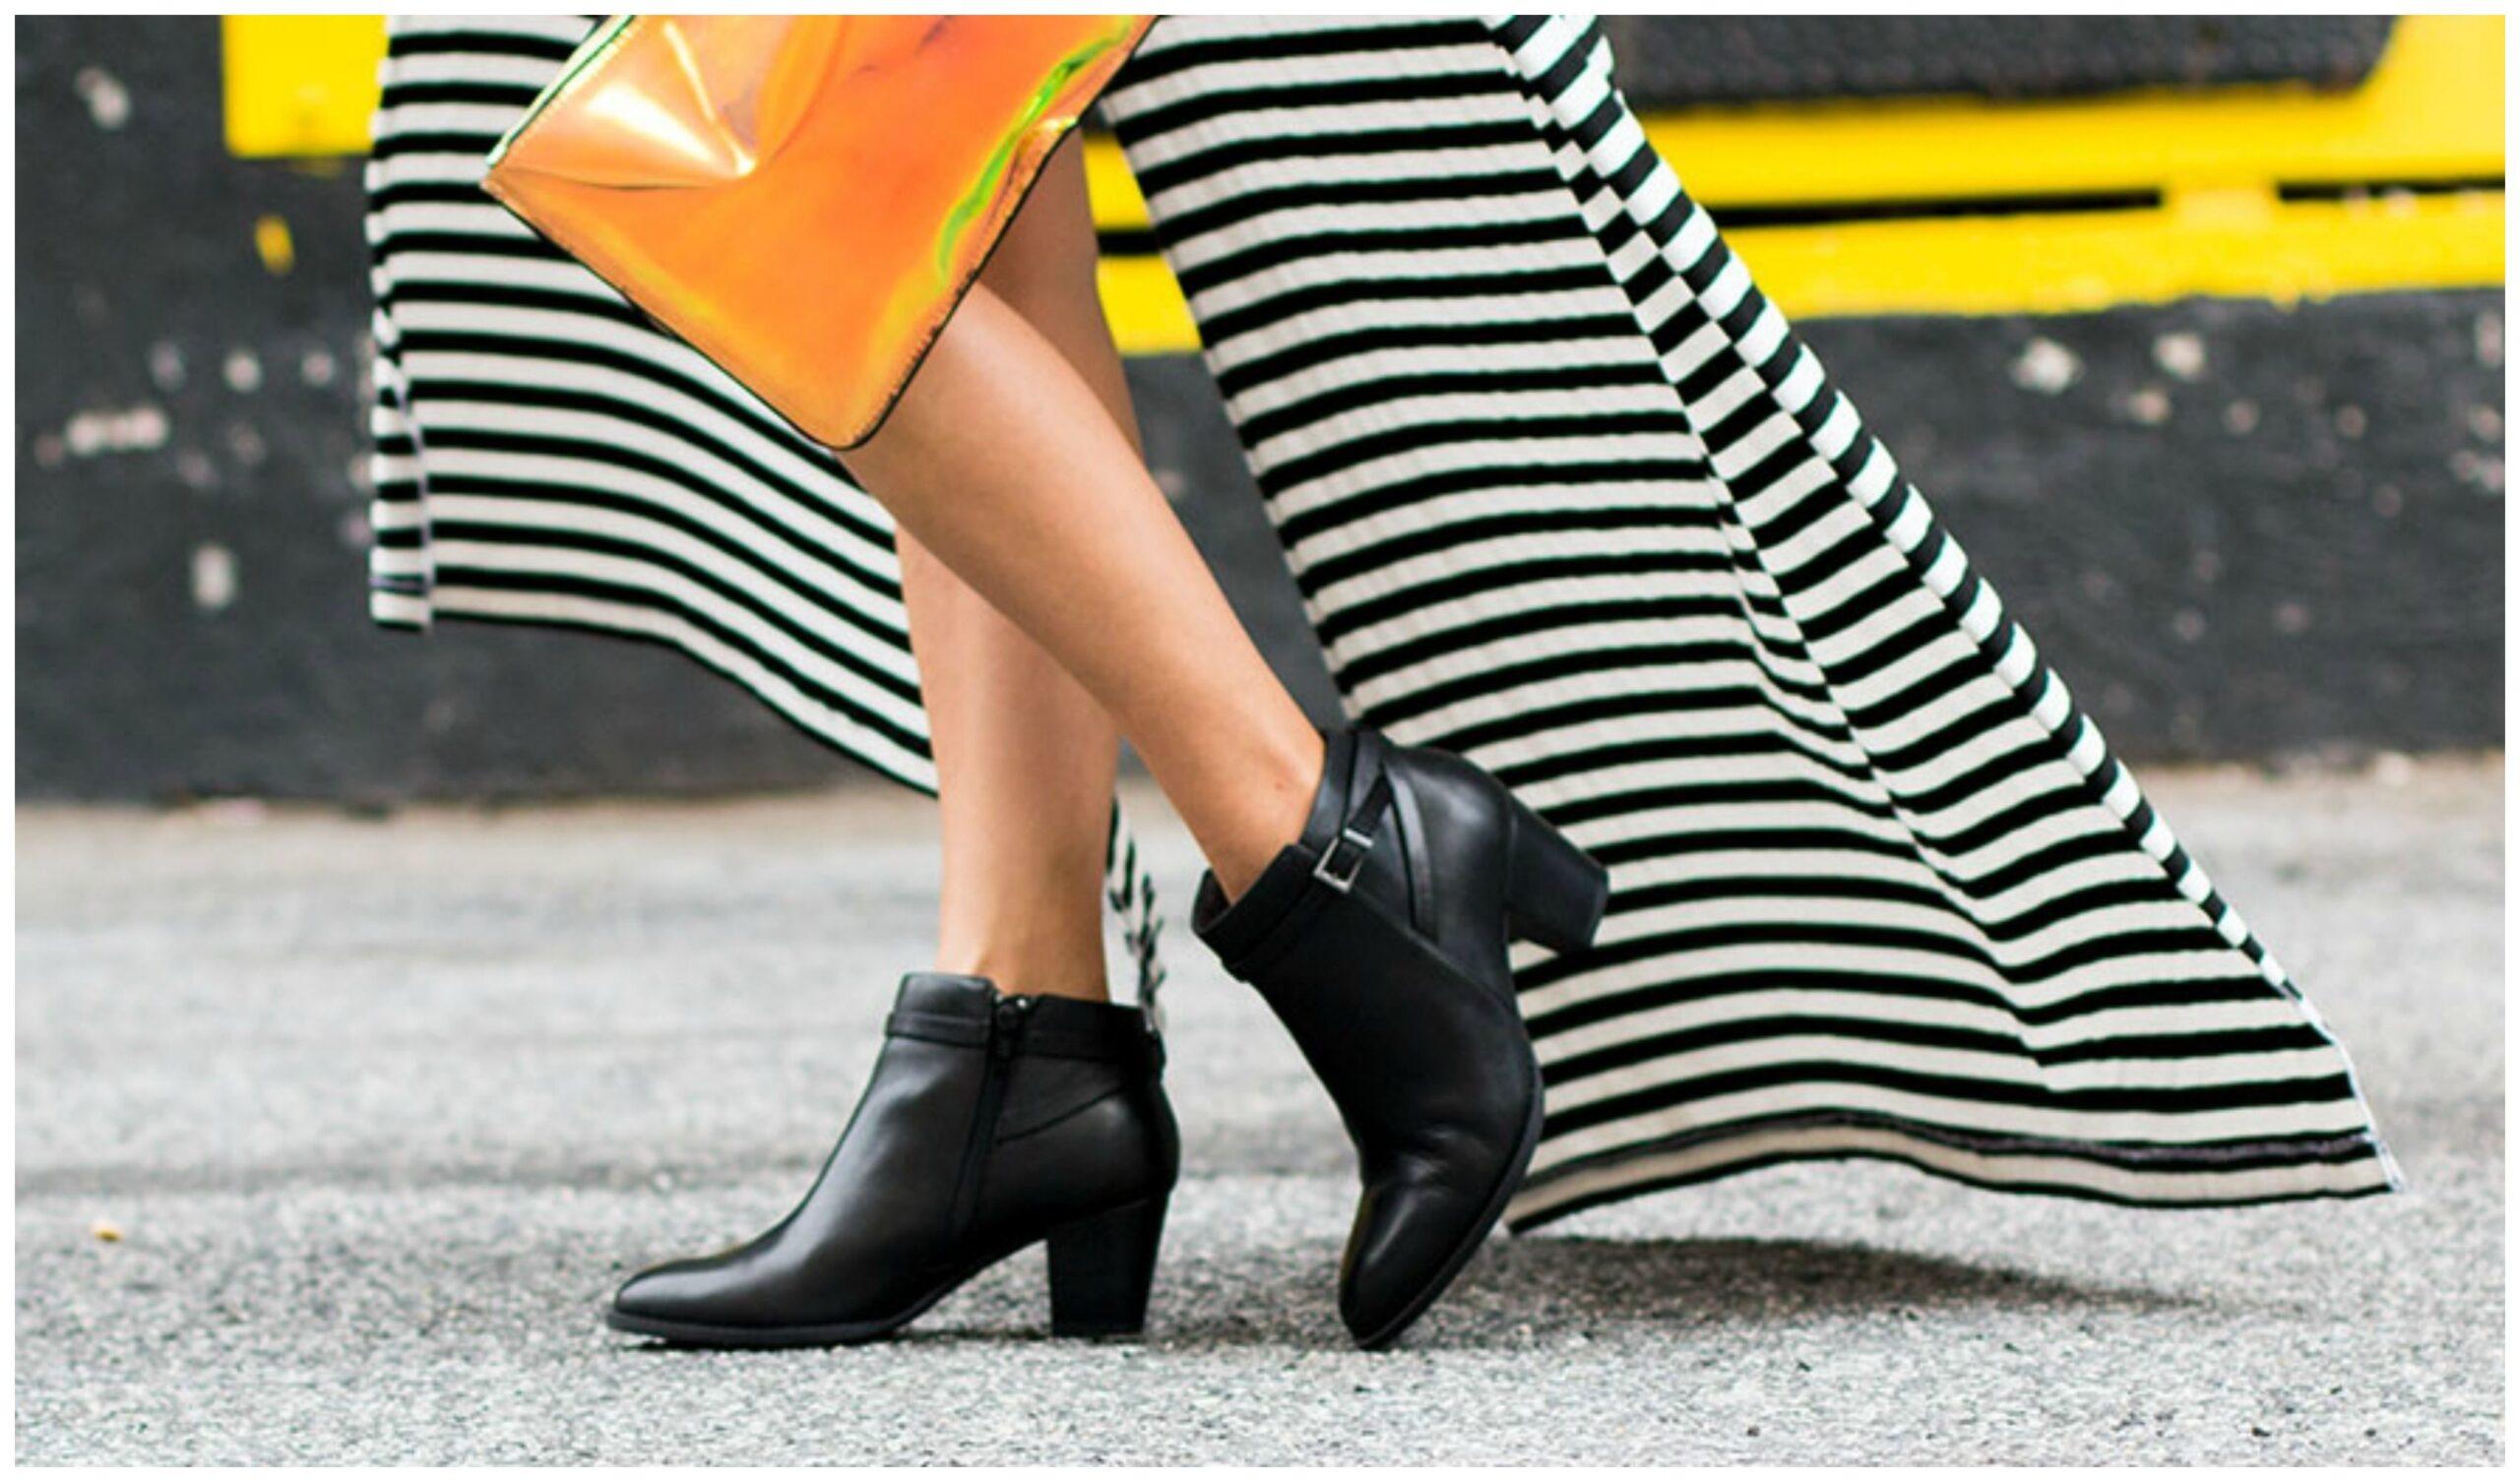 Abito lungo e stivali: 5 look che fanno subito tendenza